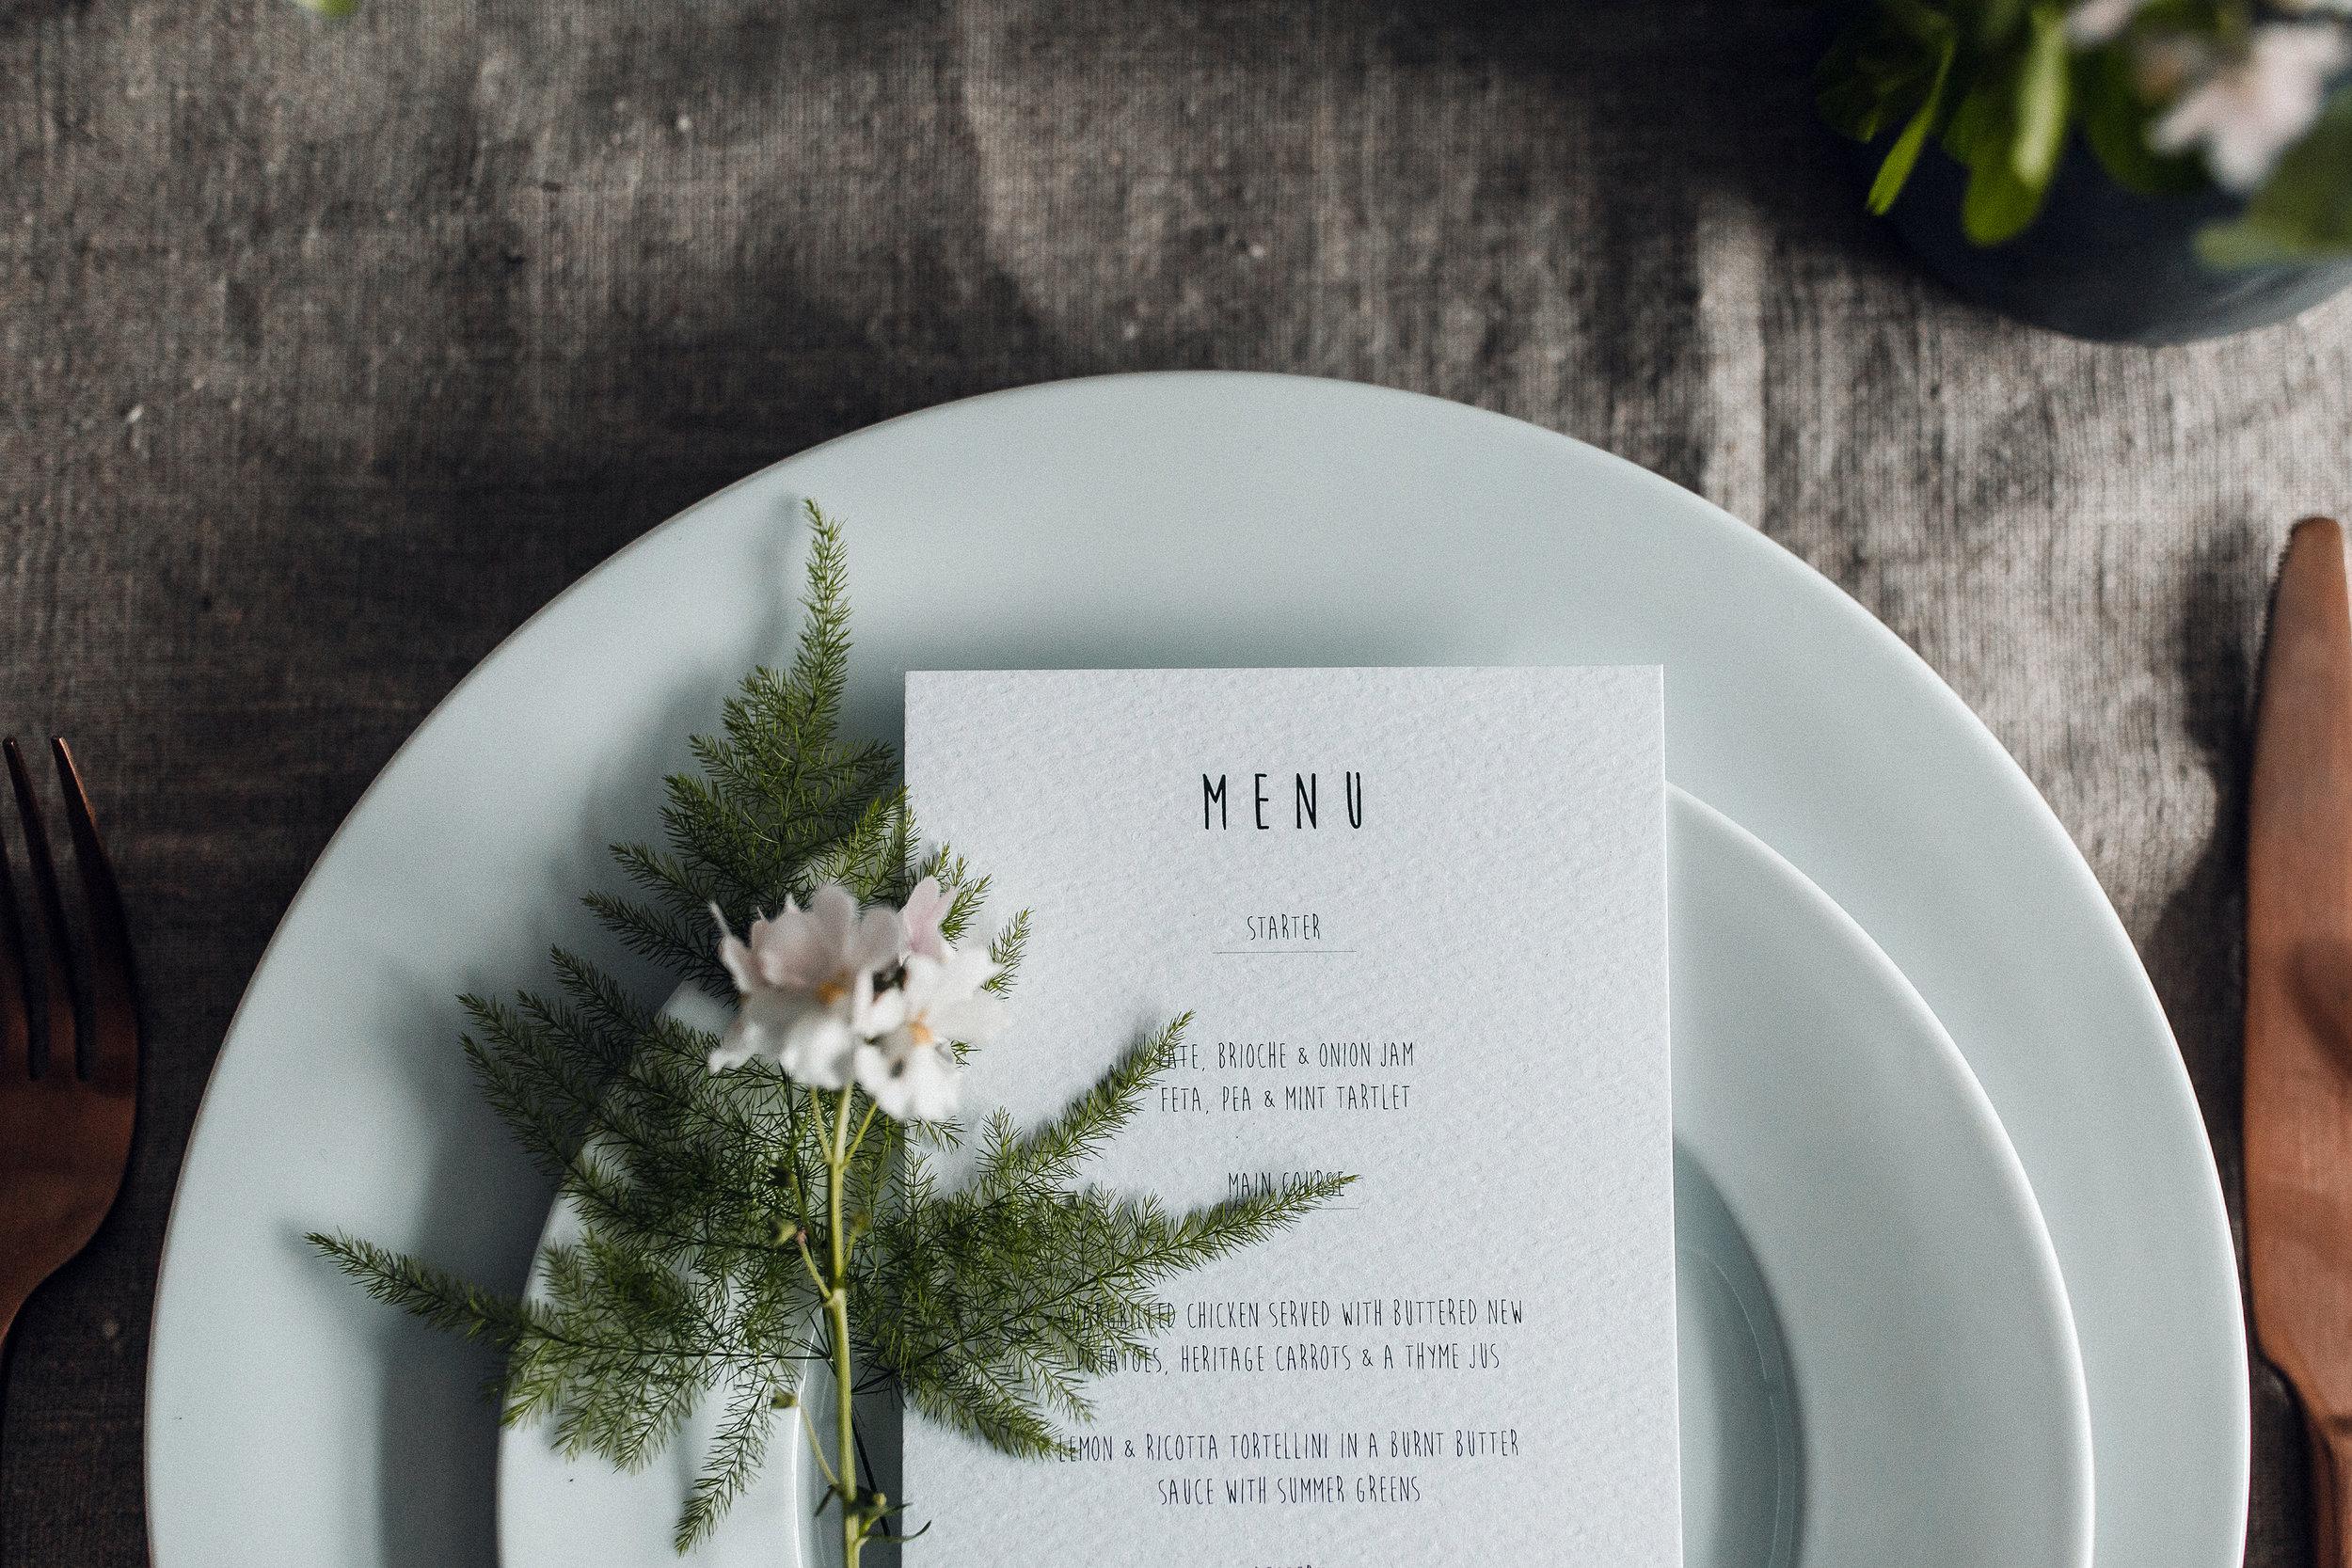 menu web 2.jpg